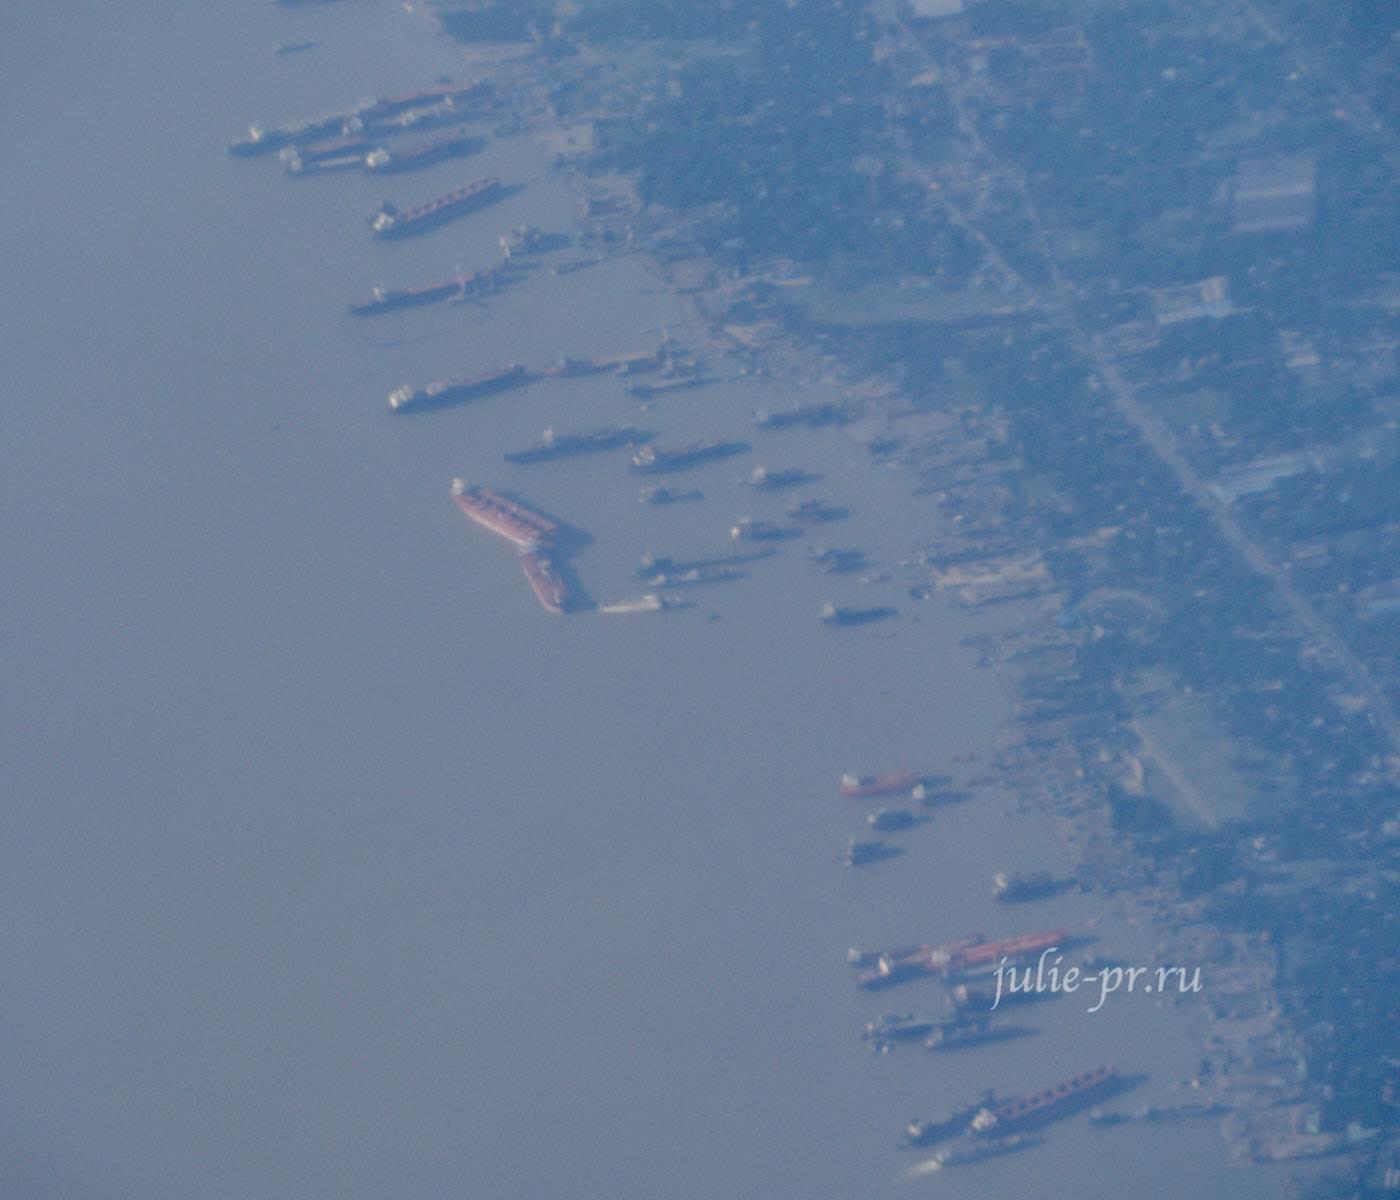 Бангладеш, Читтагонг, Кладбище кораблей